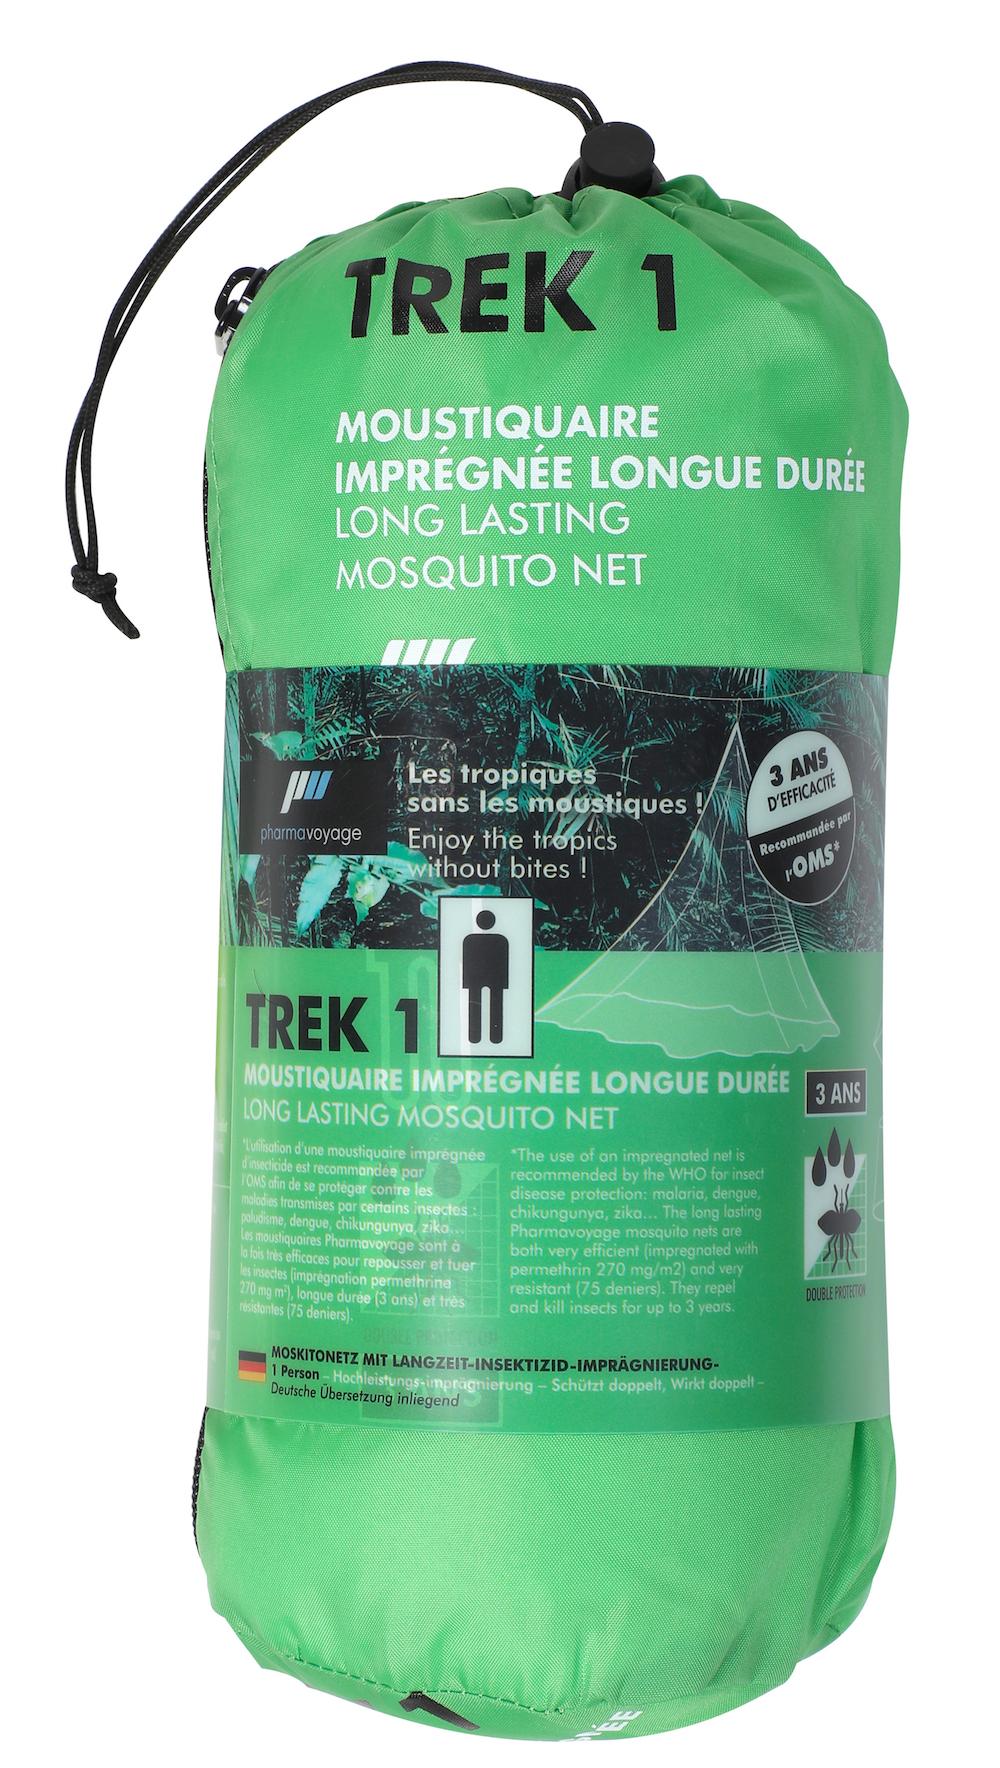 Pharmavoyage - Trek 1 - Mosquito net